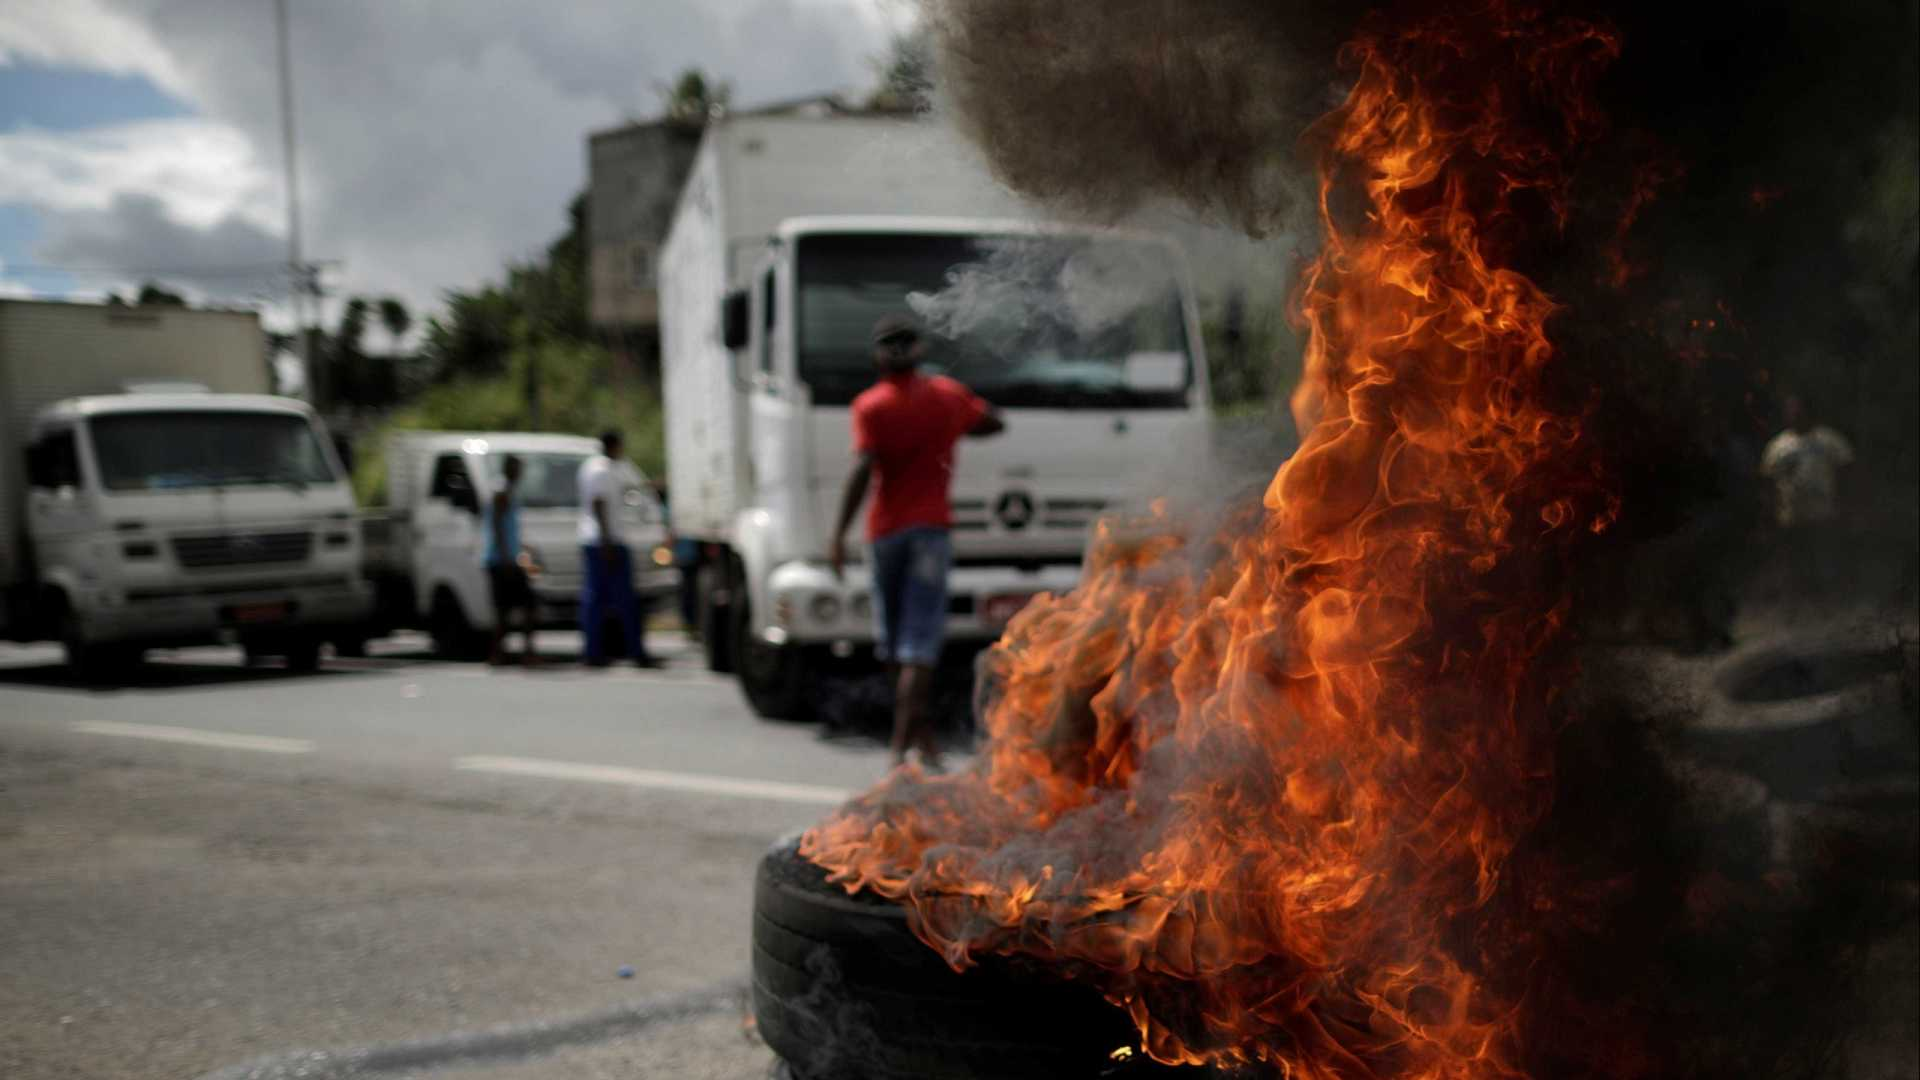 naom 5b086214647ce - Líder dos caminhoneiros desafia governo: 'Vai correr sangue'